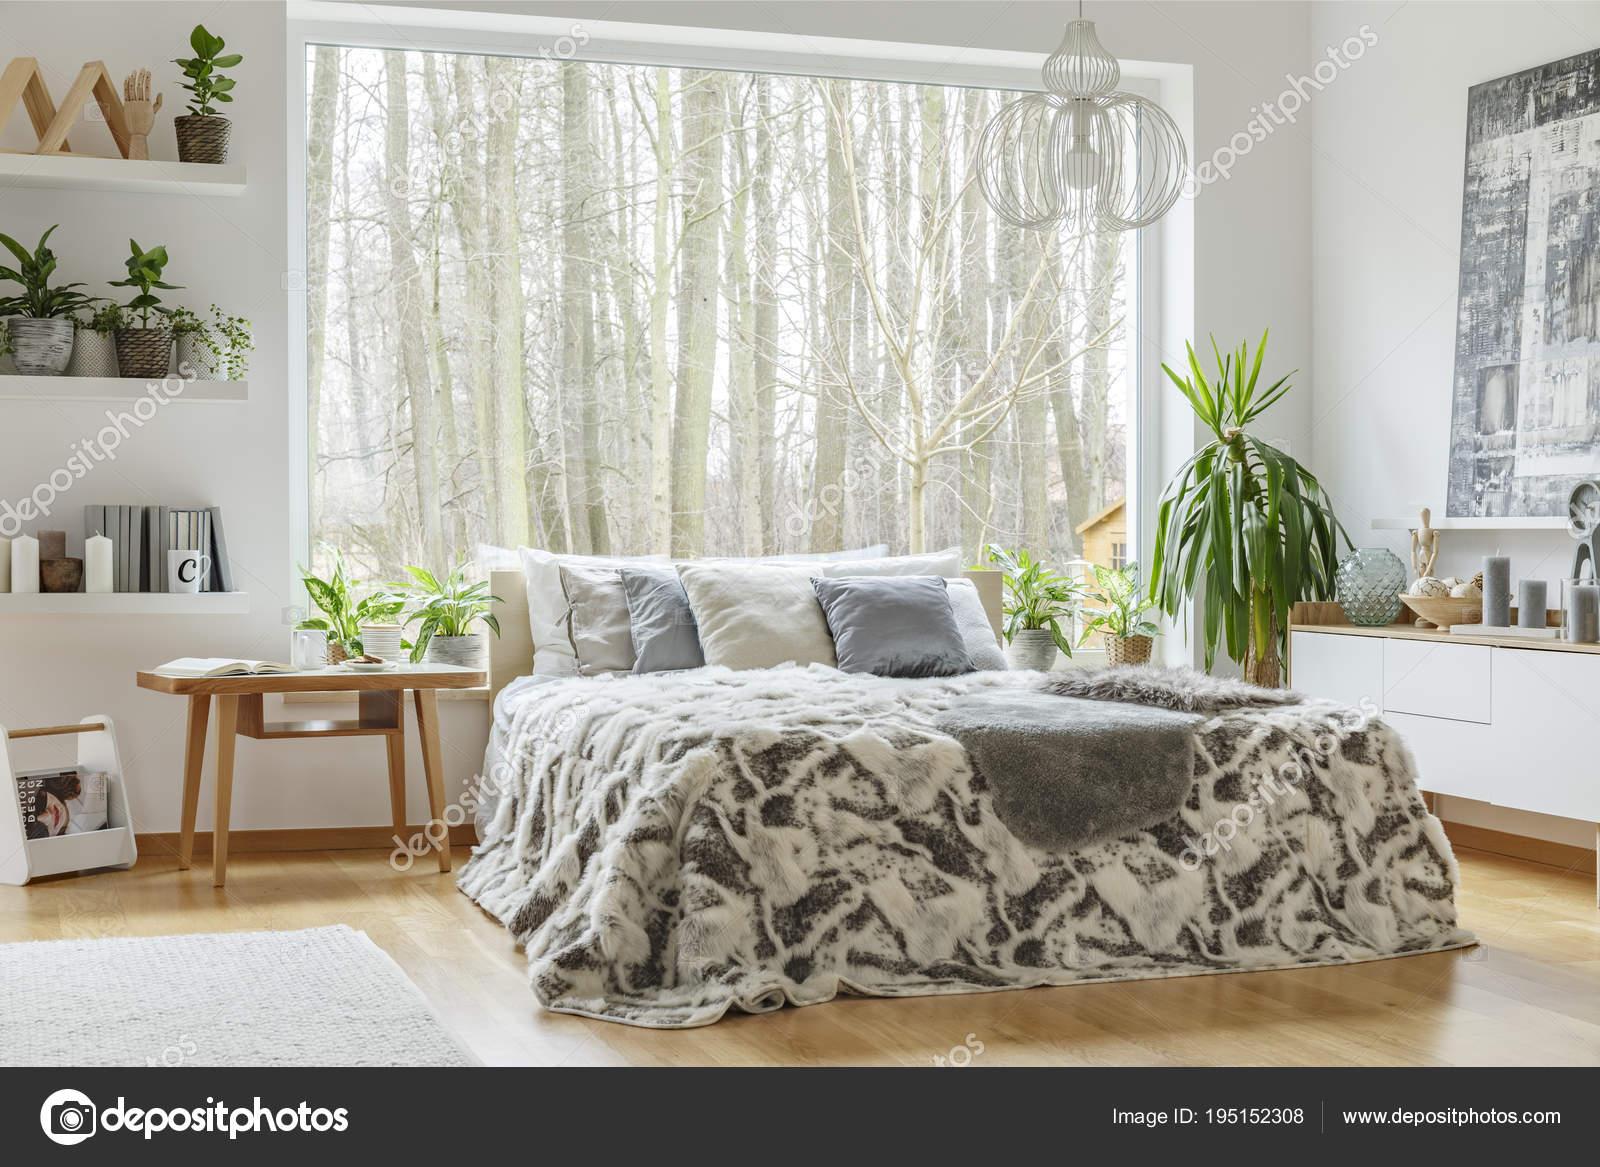 bont op bed tussen planten in natuurlijke slaapkamer interieur met houten tafel en venster foto van photographeeeu